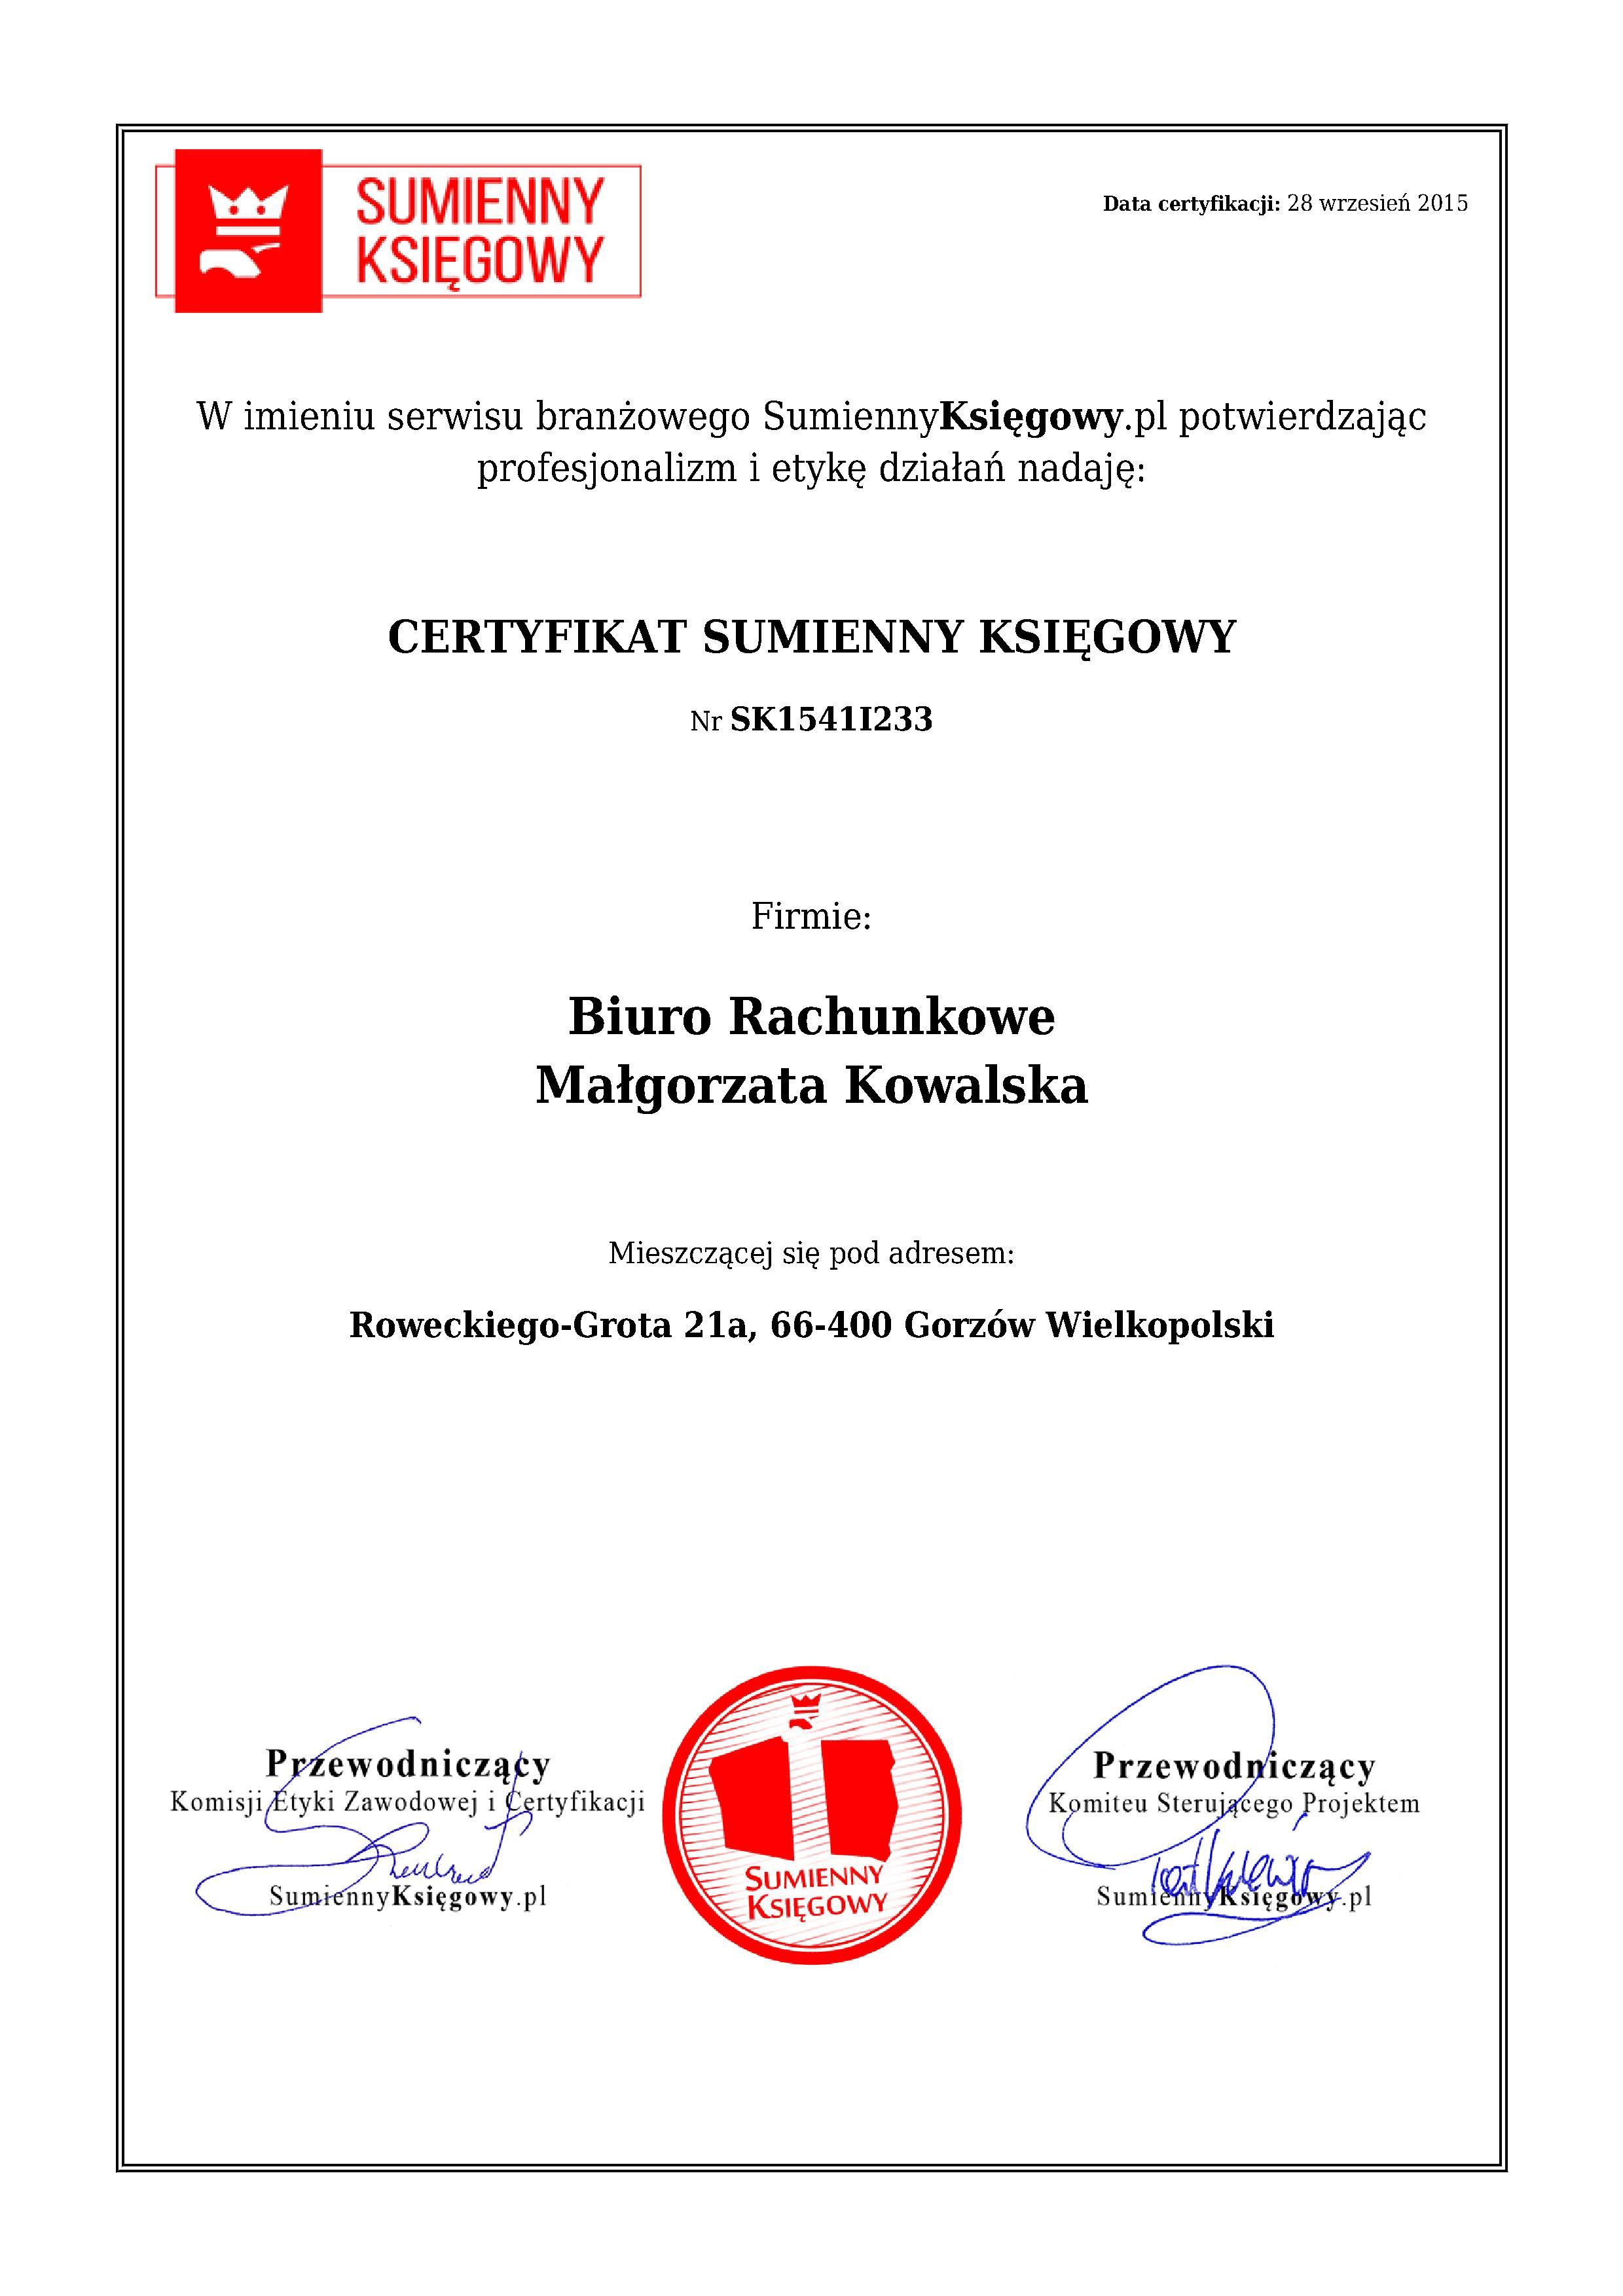 Certyfikat Biuro Rachunkowe Małgorzata Kowalska